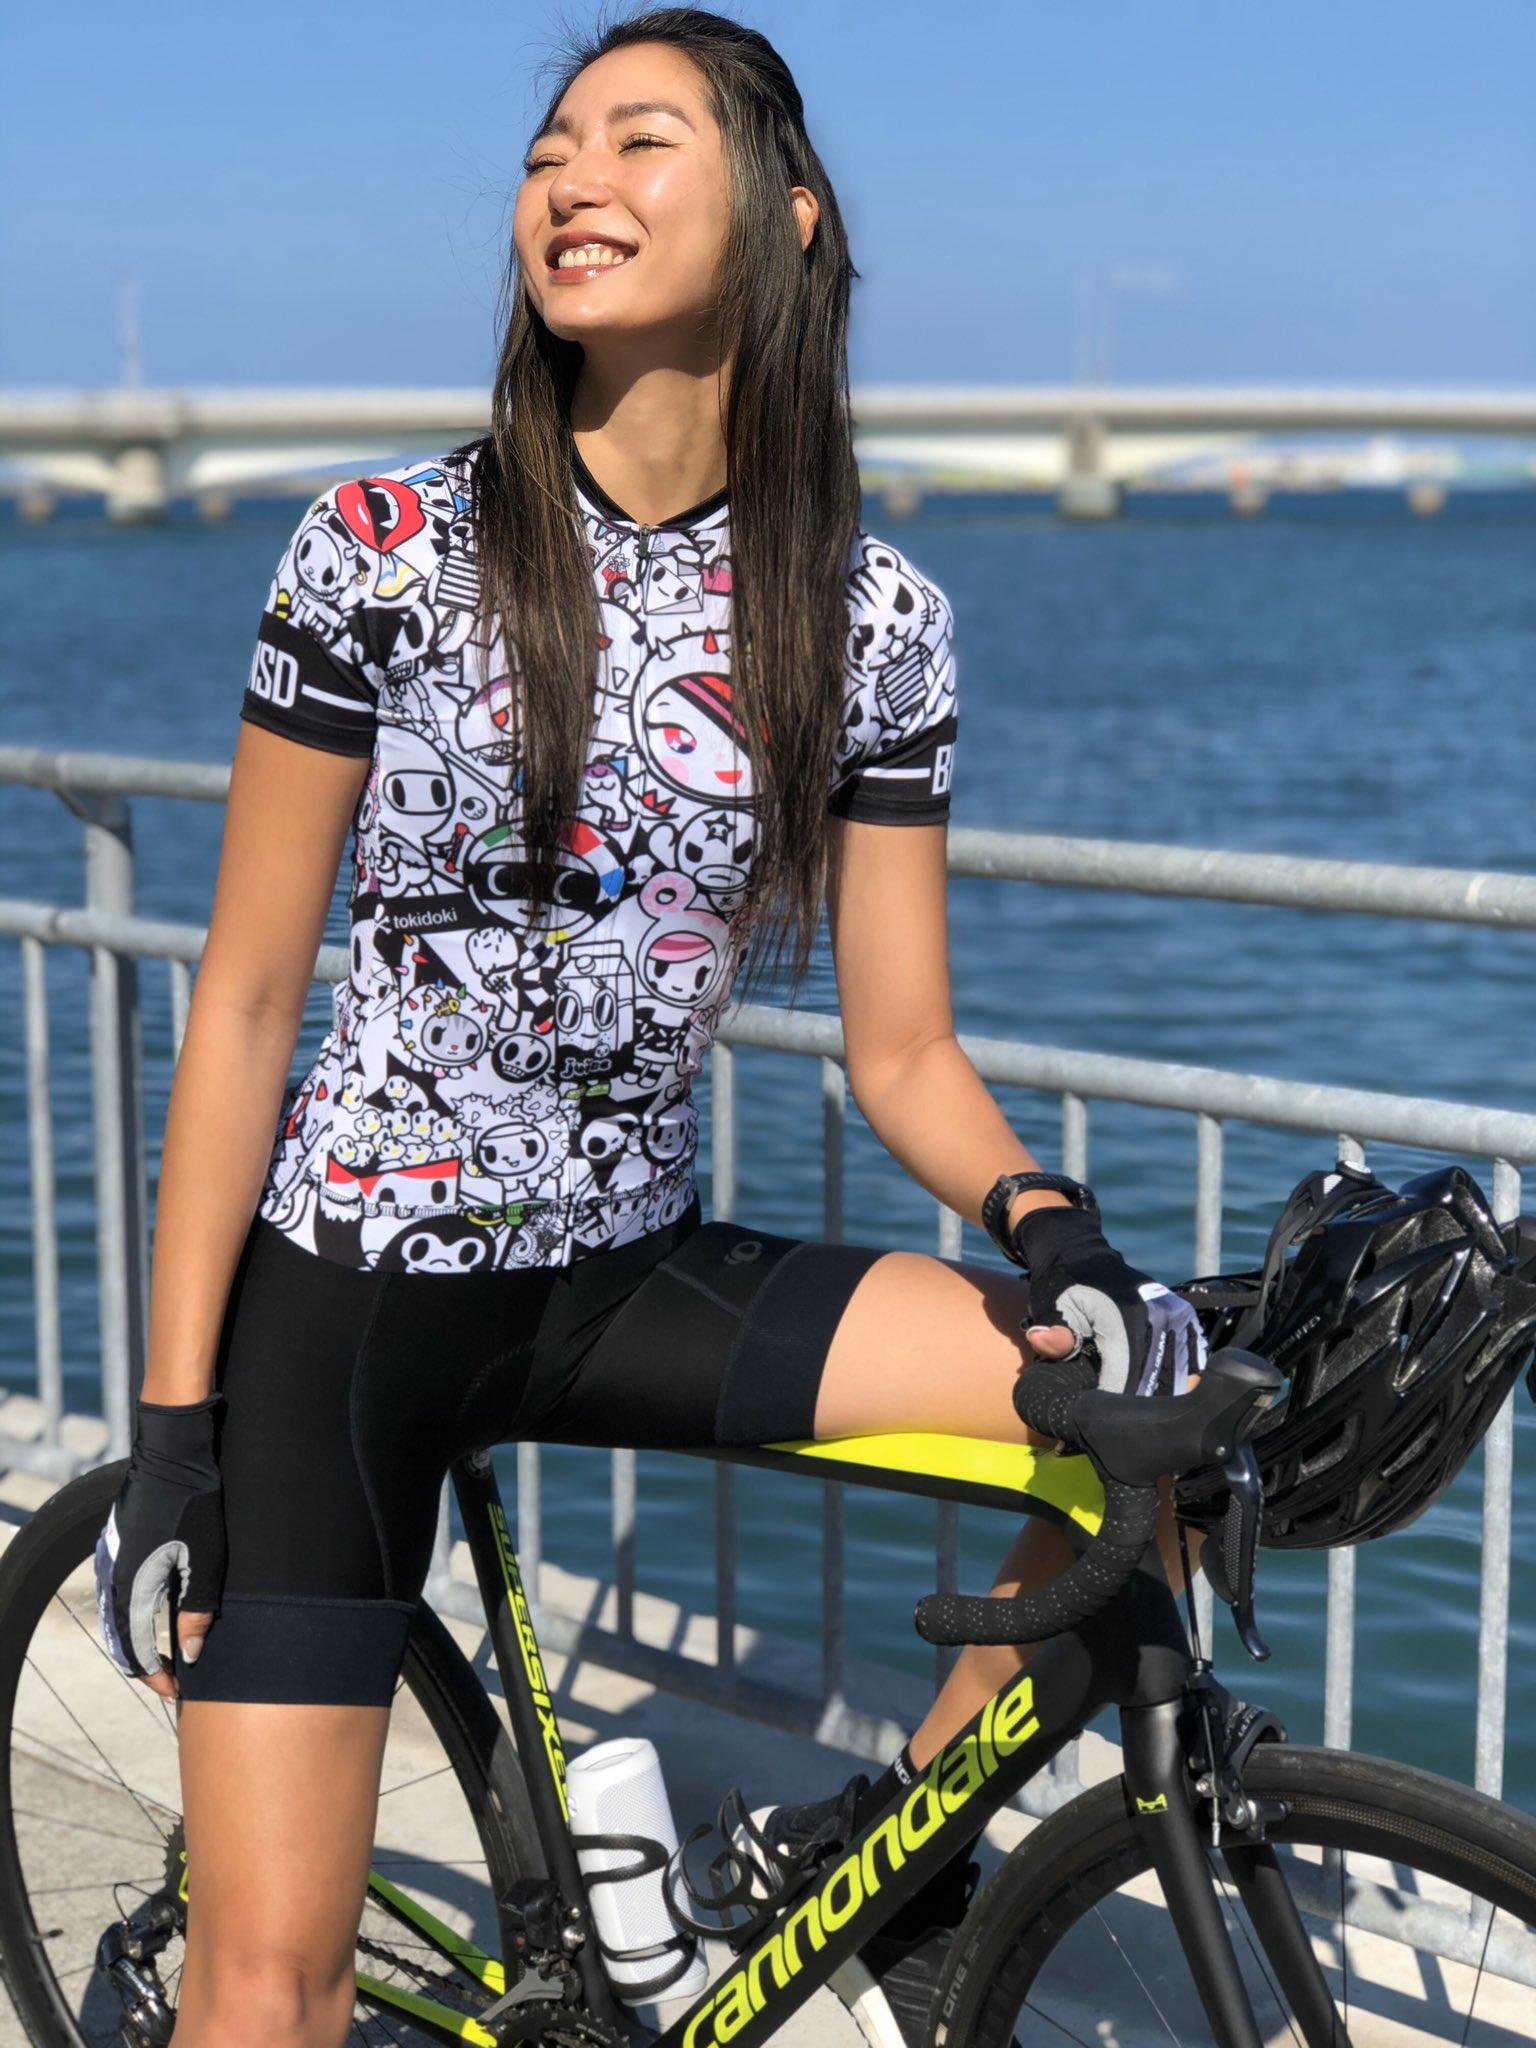 福田萌子さんロードバイク